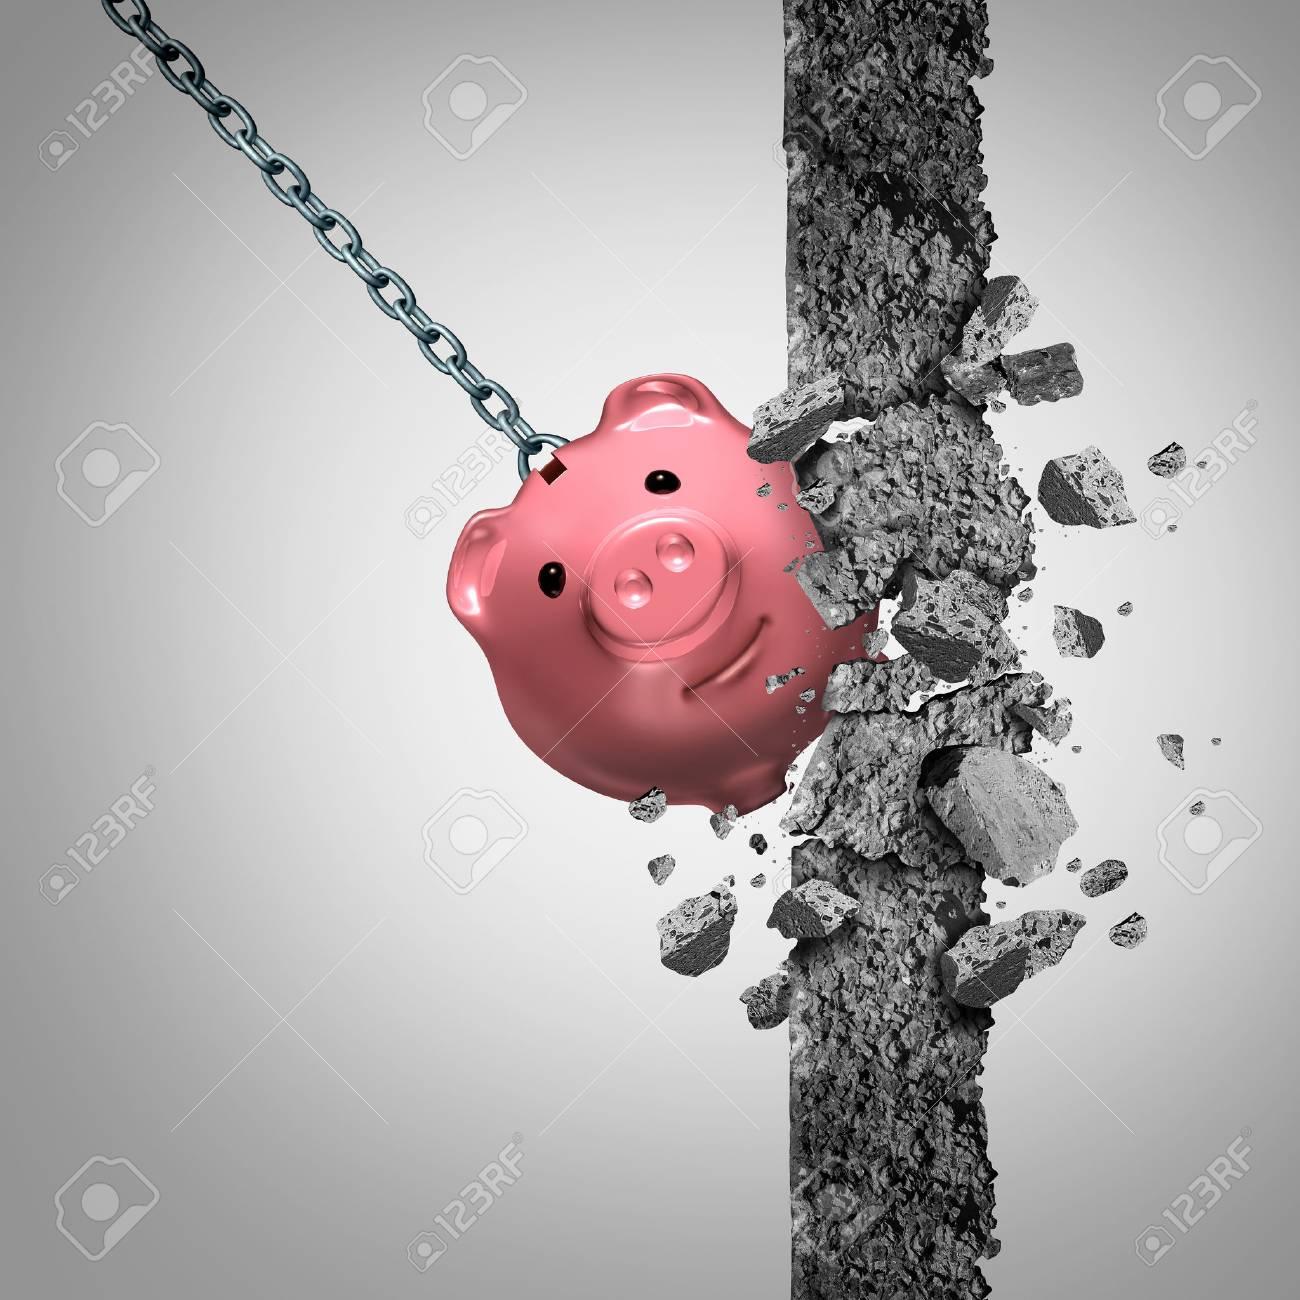 Come Abbattere Un Muro concetto o rompere la metafora e il simbolo banca libertà finanziaria come  una palla da demolizione solido a forma di salvadanaio risparmio demolire